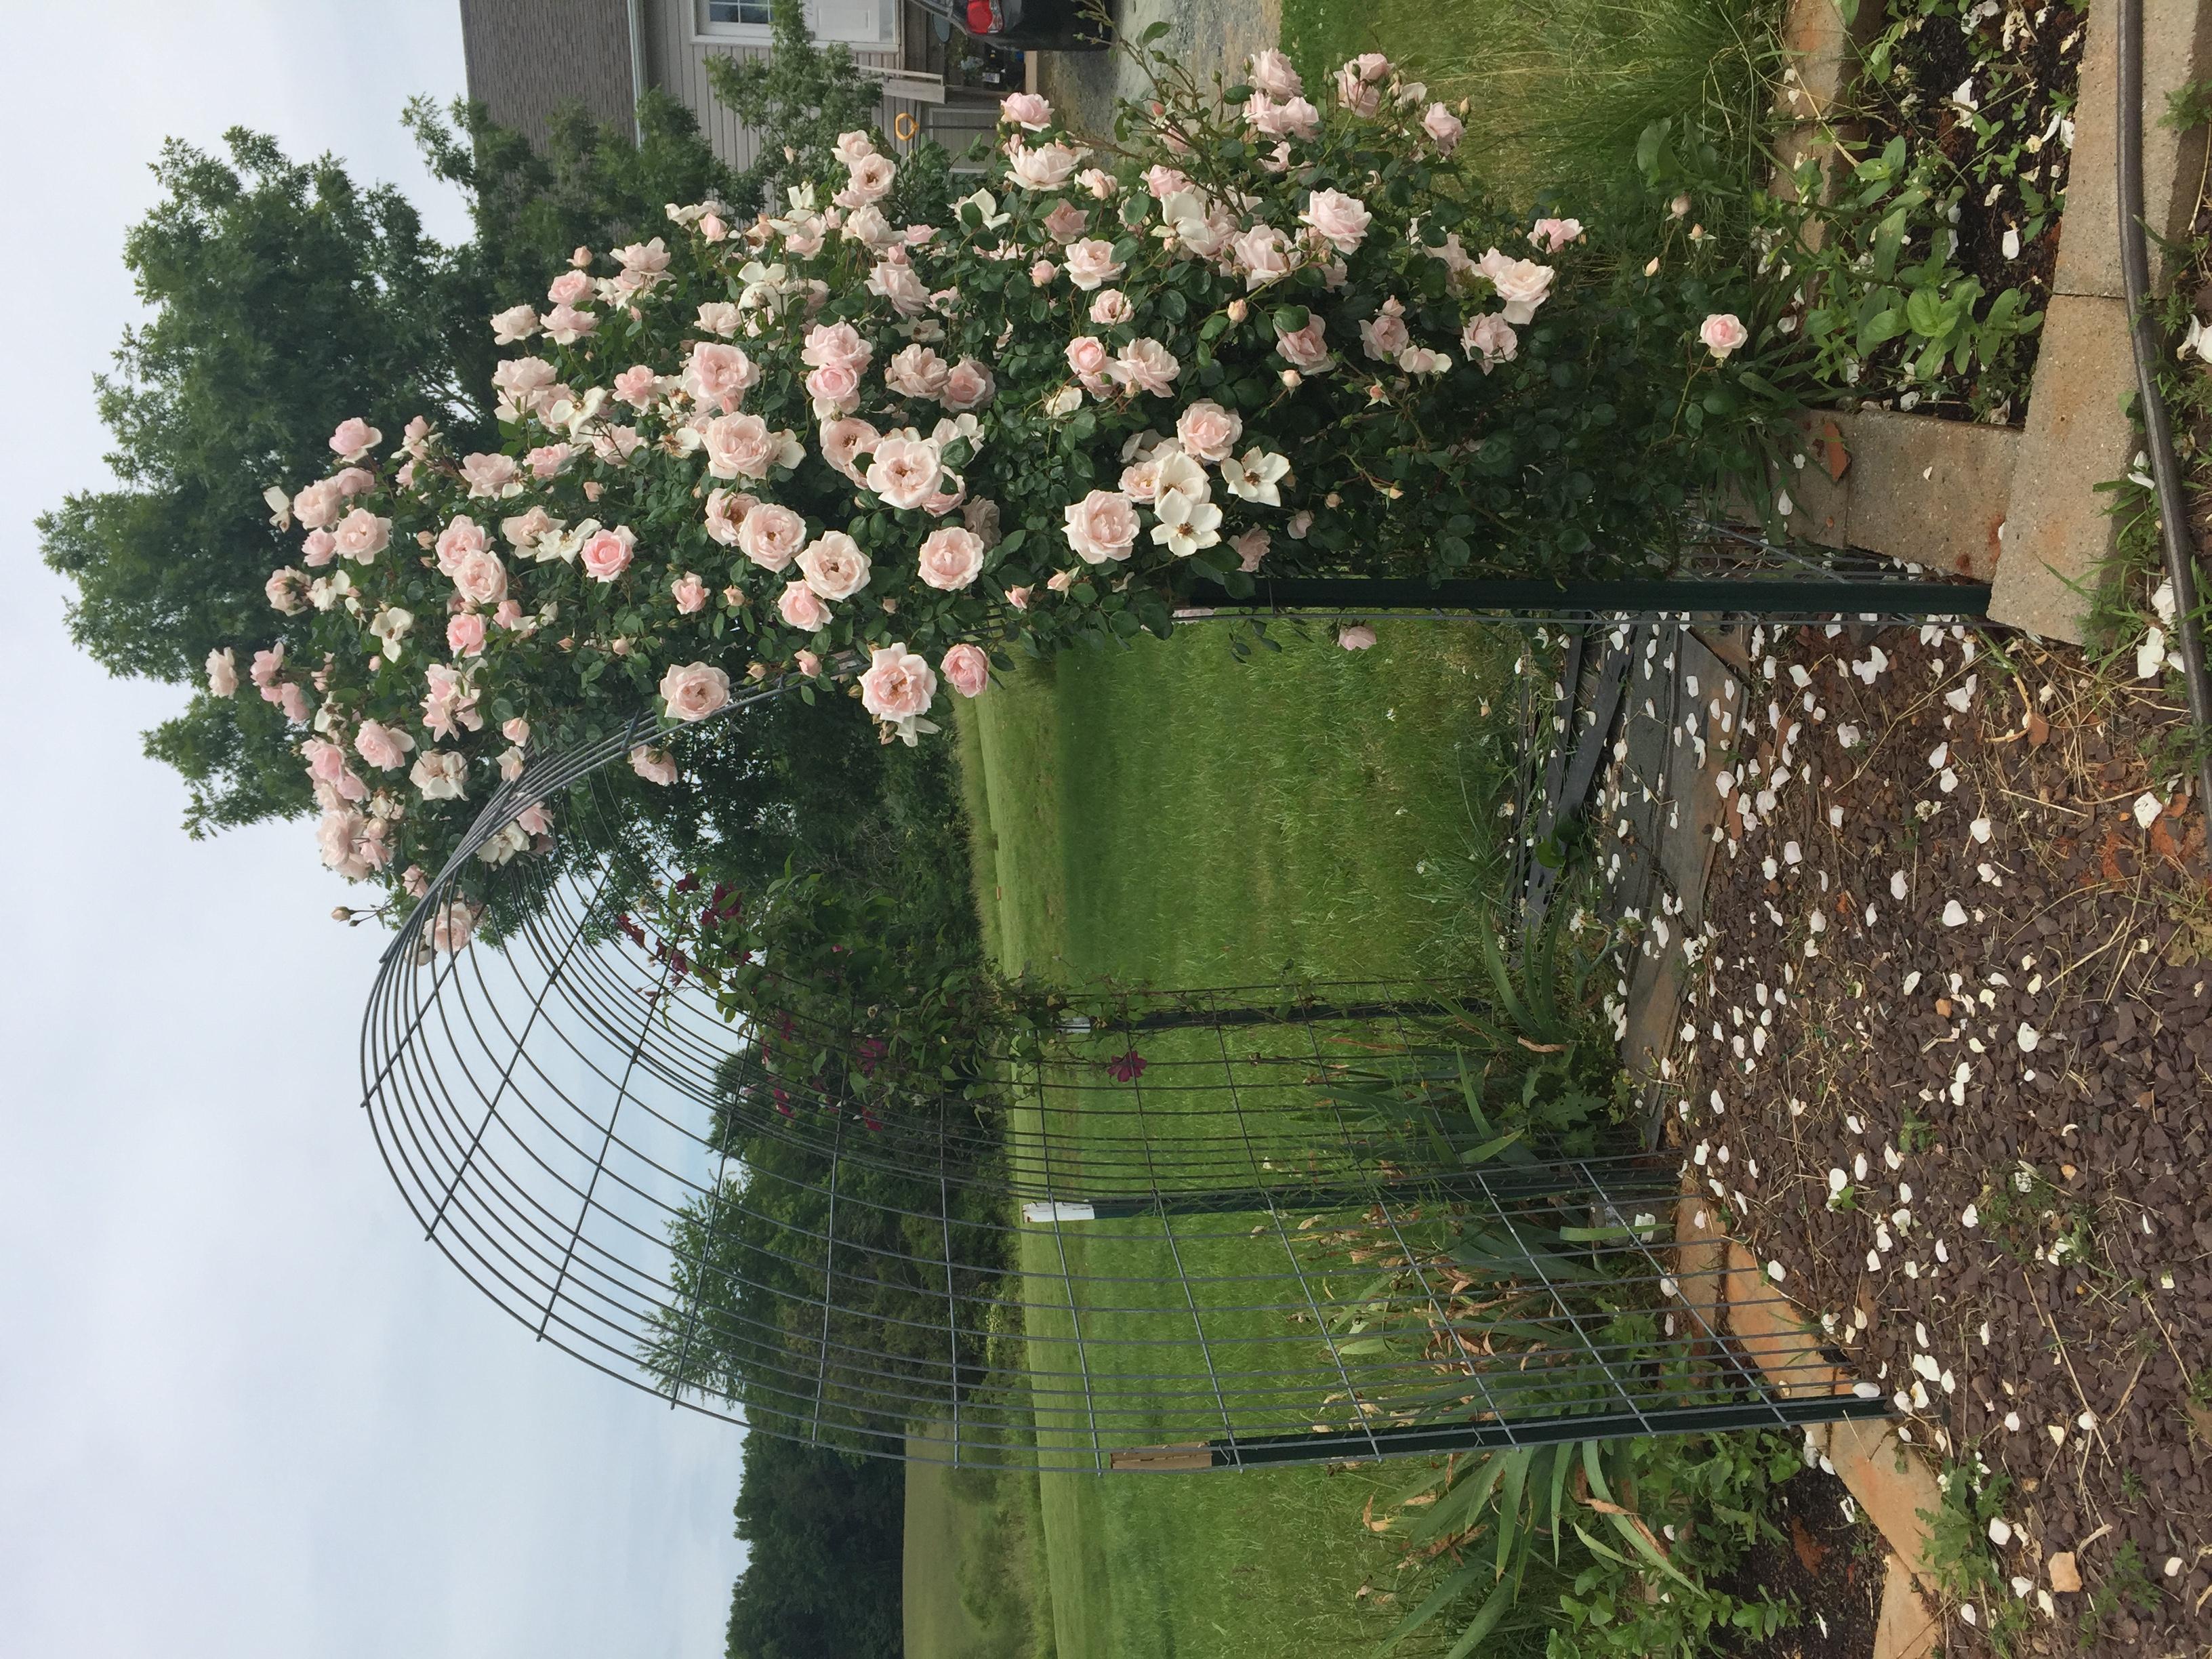 C8351BFE 407E 4E34 8DED 50281C7D4F61 Roses in full bloom!